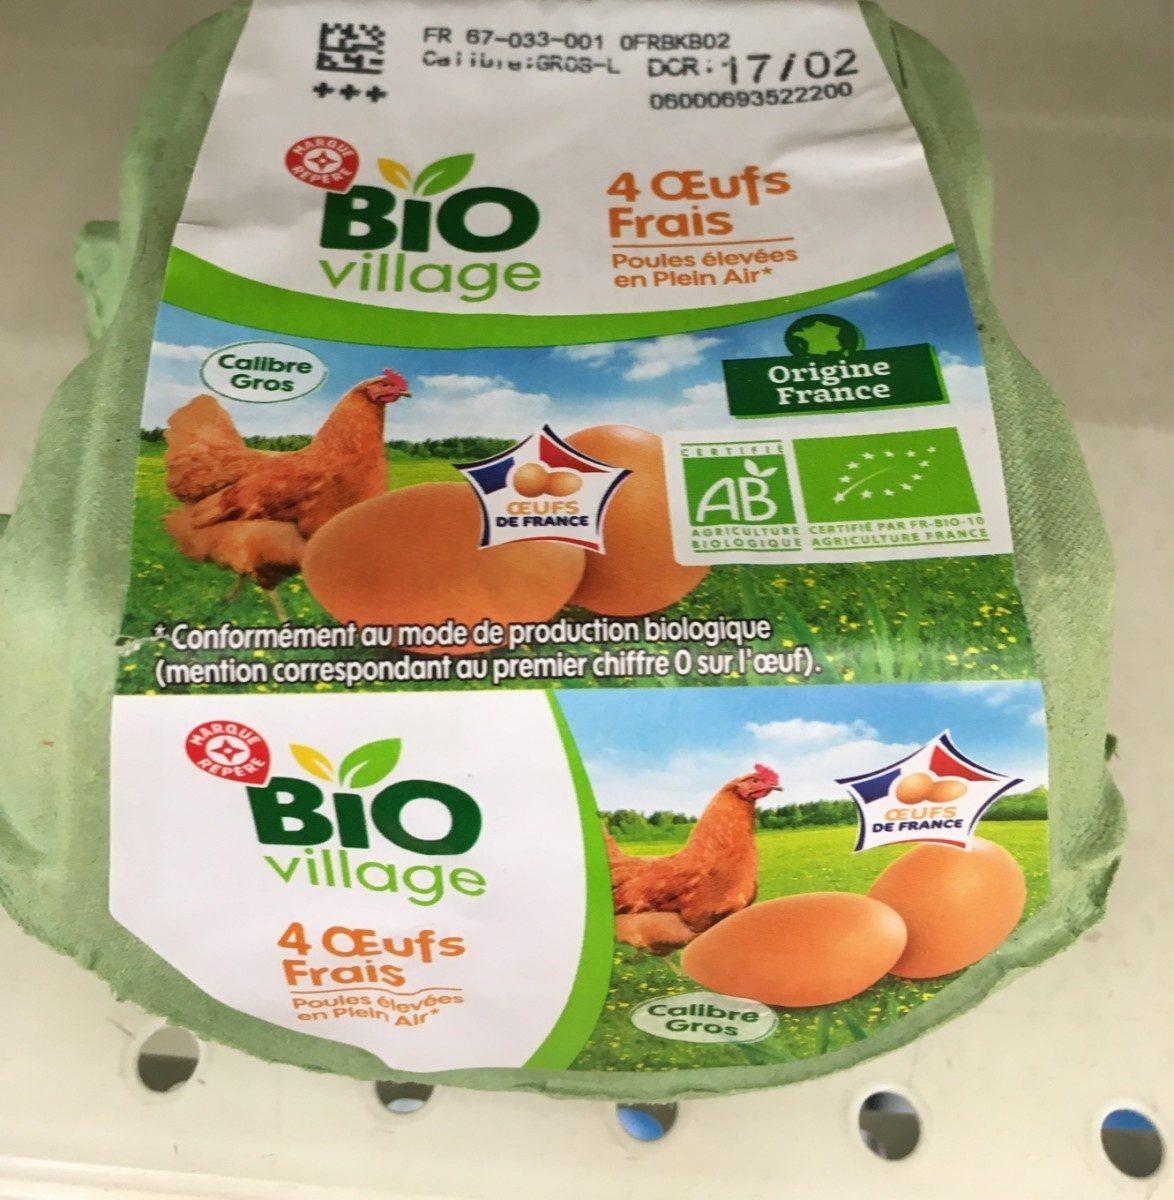 Oeufs biologiques de poules élevées en plein air x 4 - Ingrediënten - fr